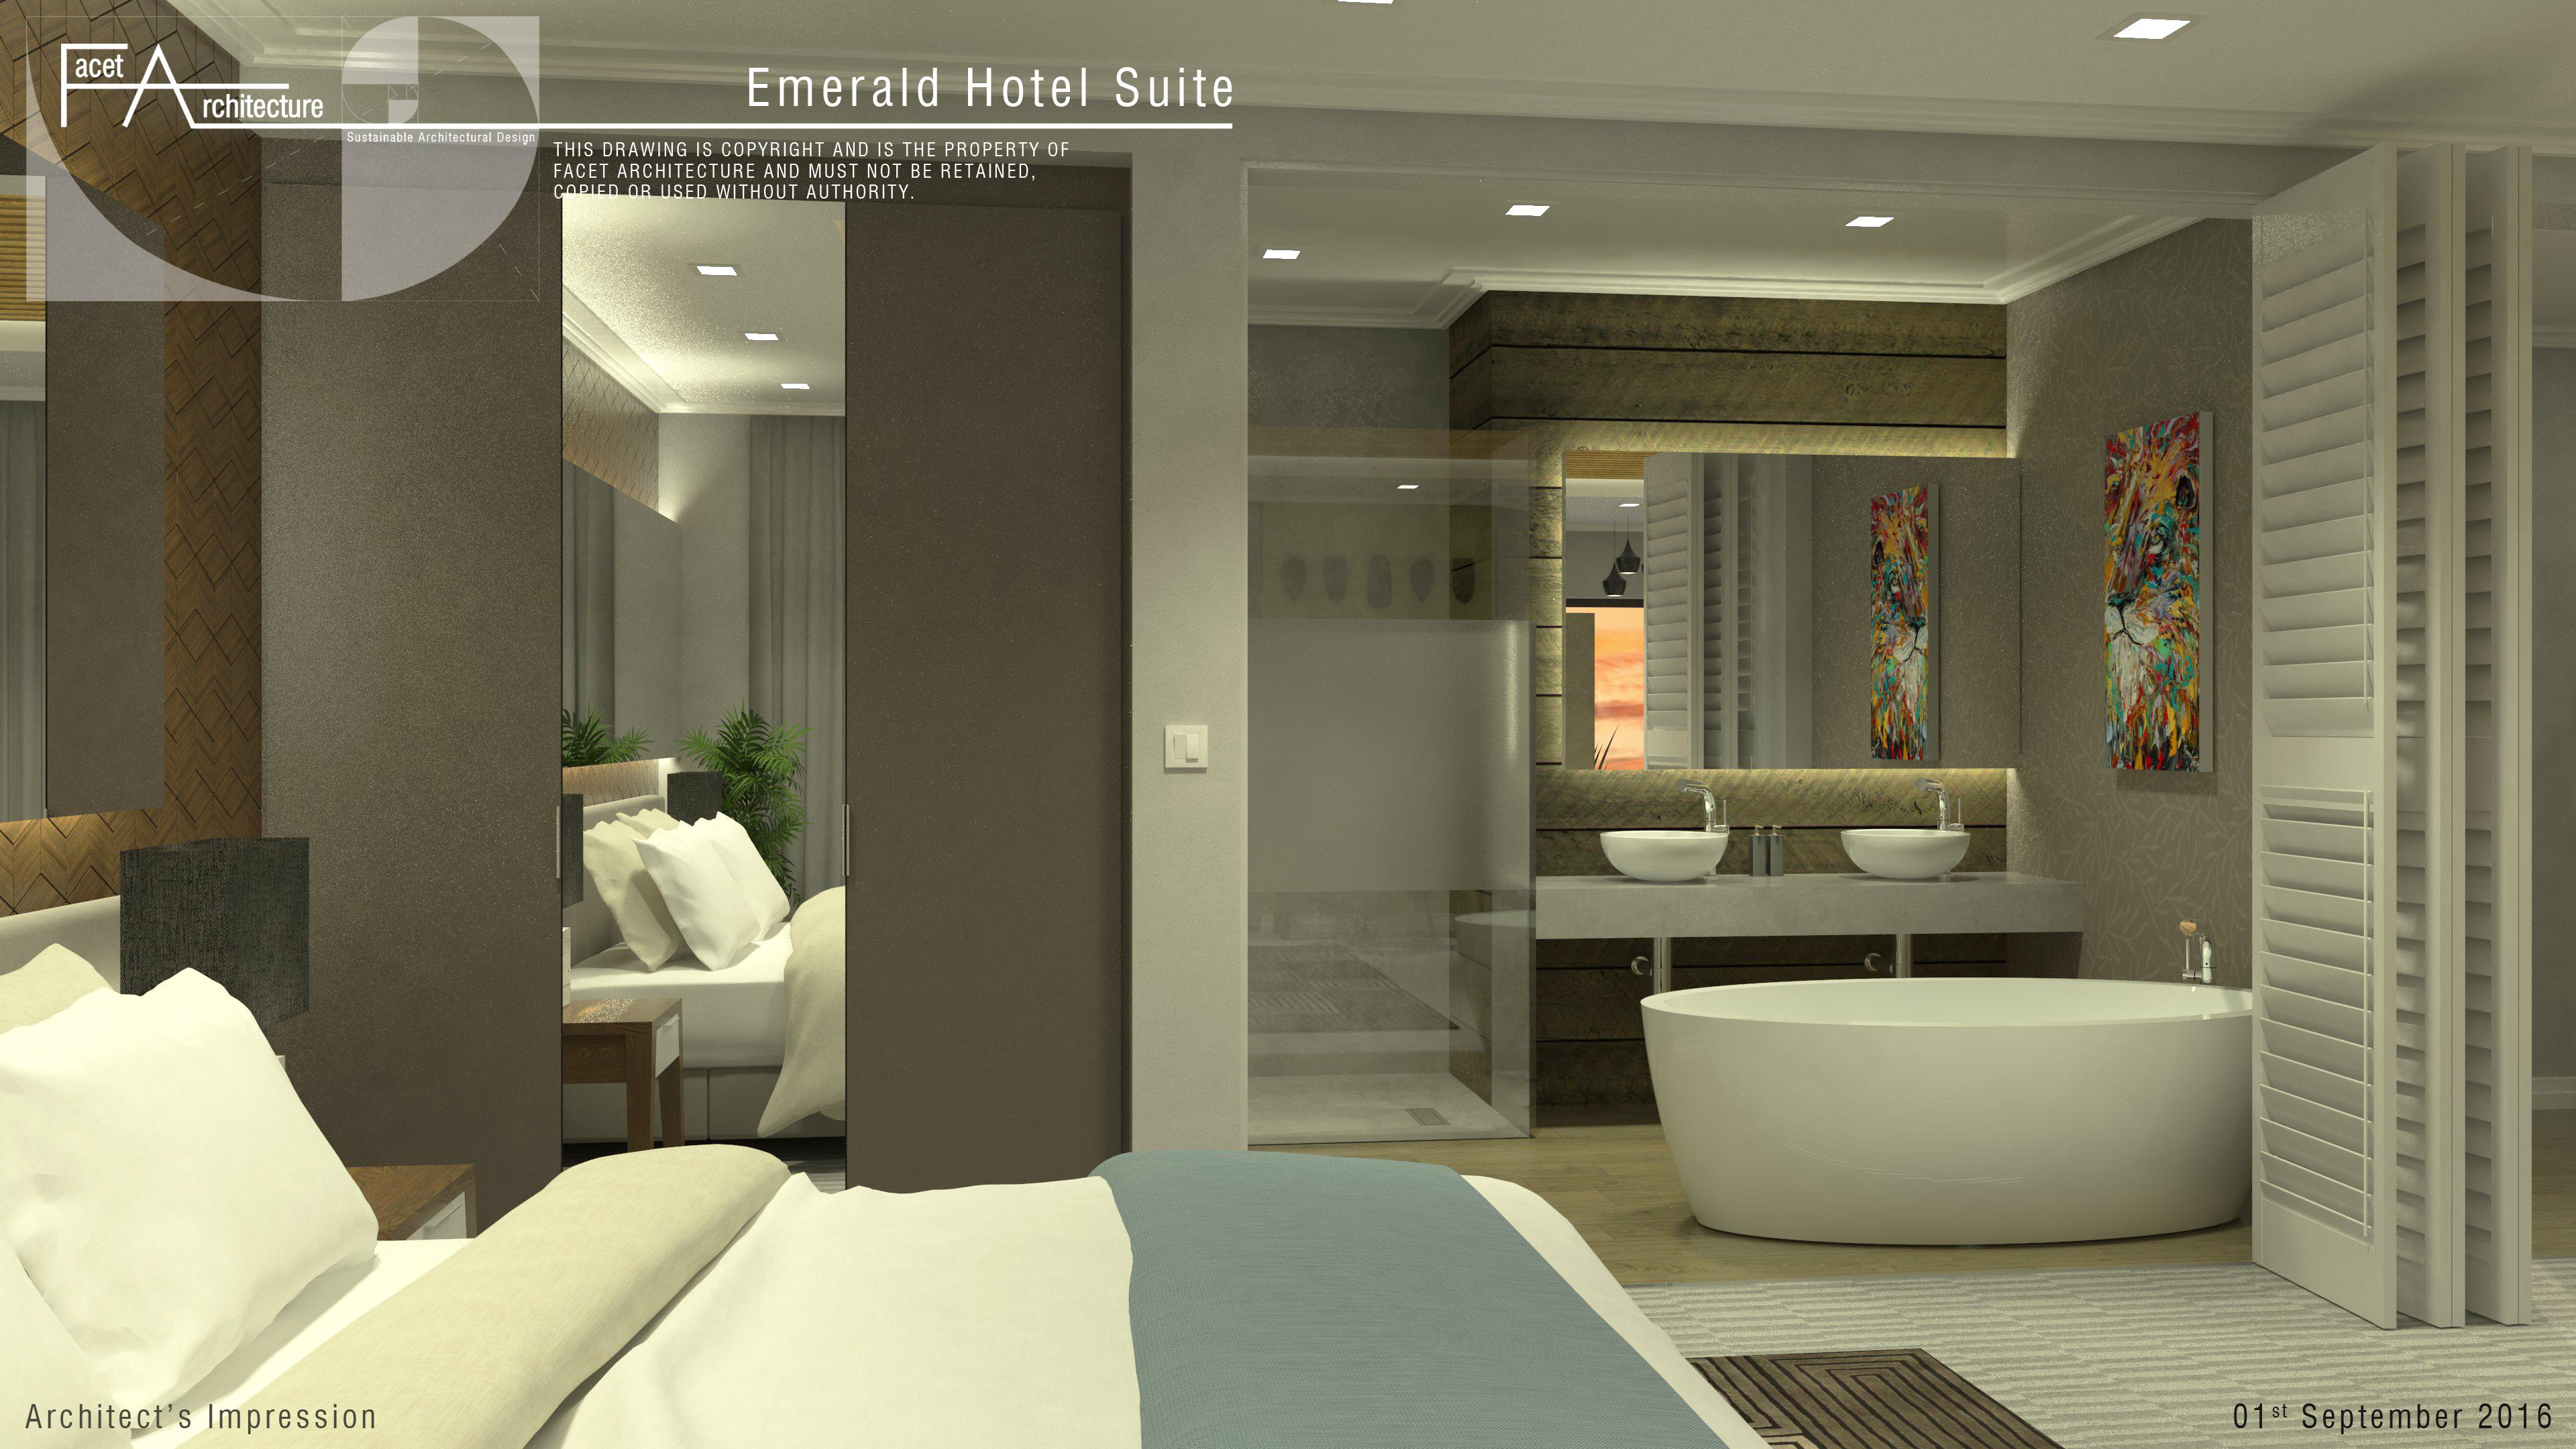 2016-08-25 FA15-24 Emerald Hotel Suite A Render 7